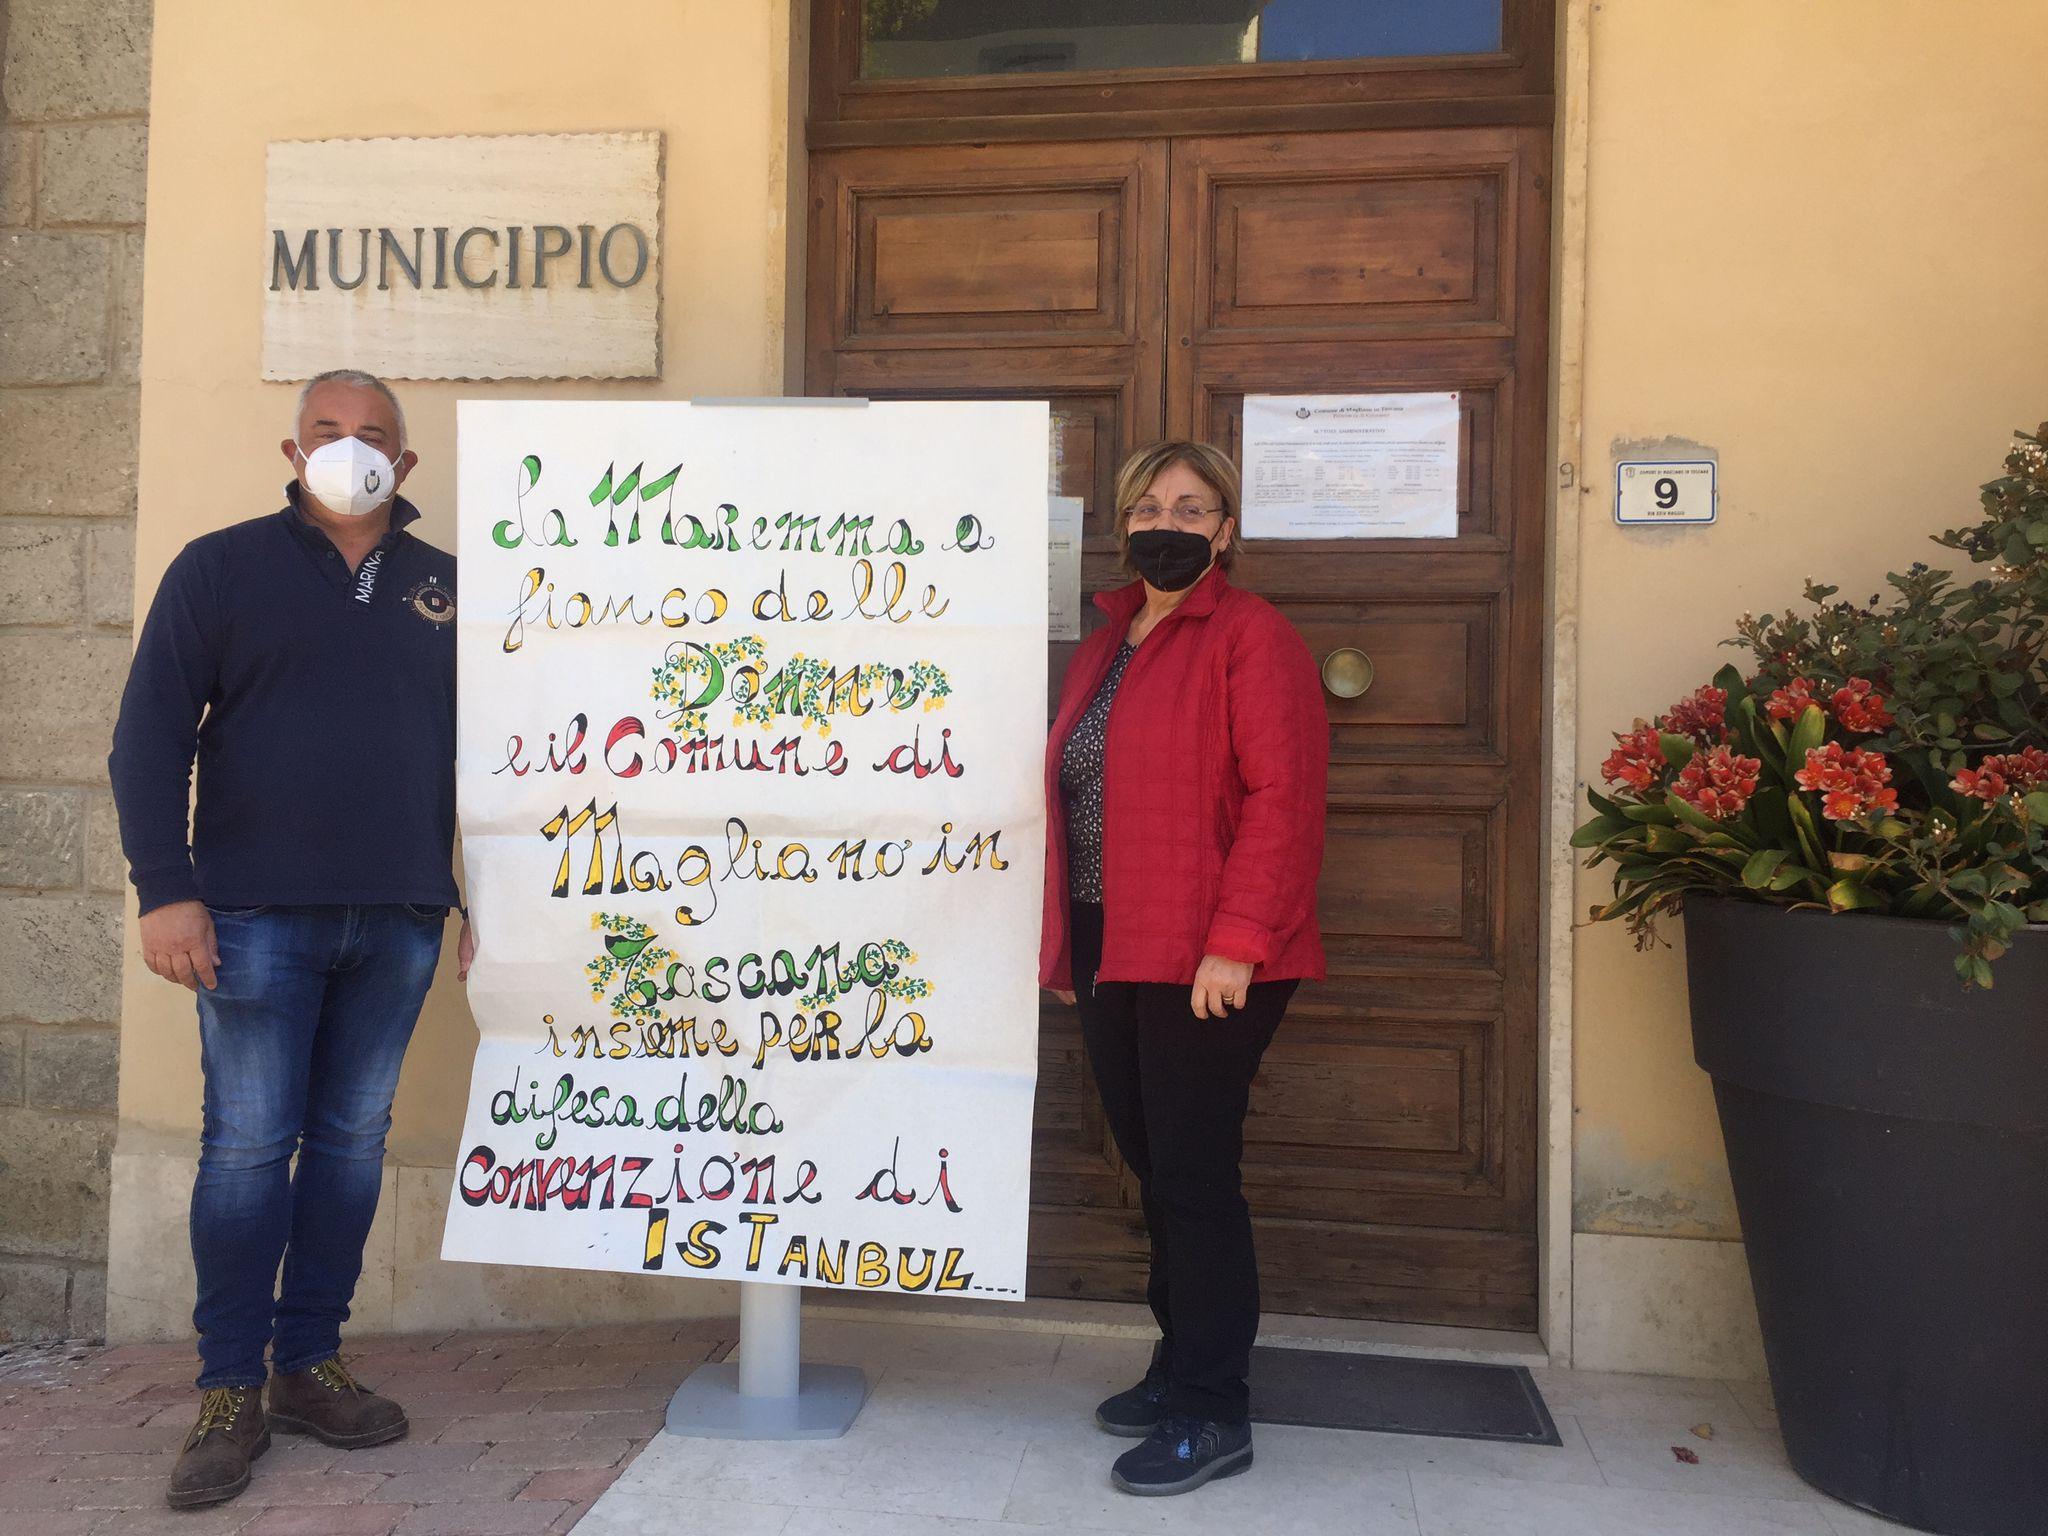 comune-di-magliano-sindaco-Cinelli-e-Melosini-commissione-pari-opportunita